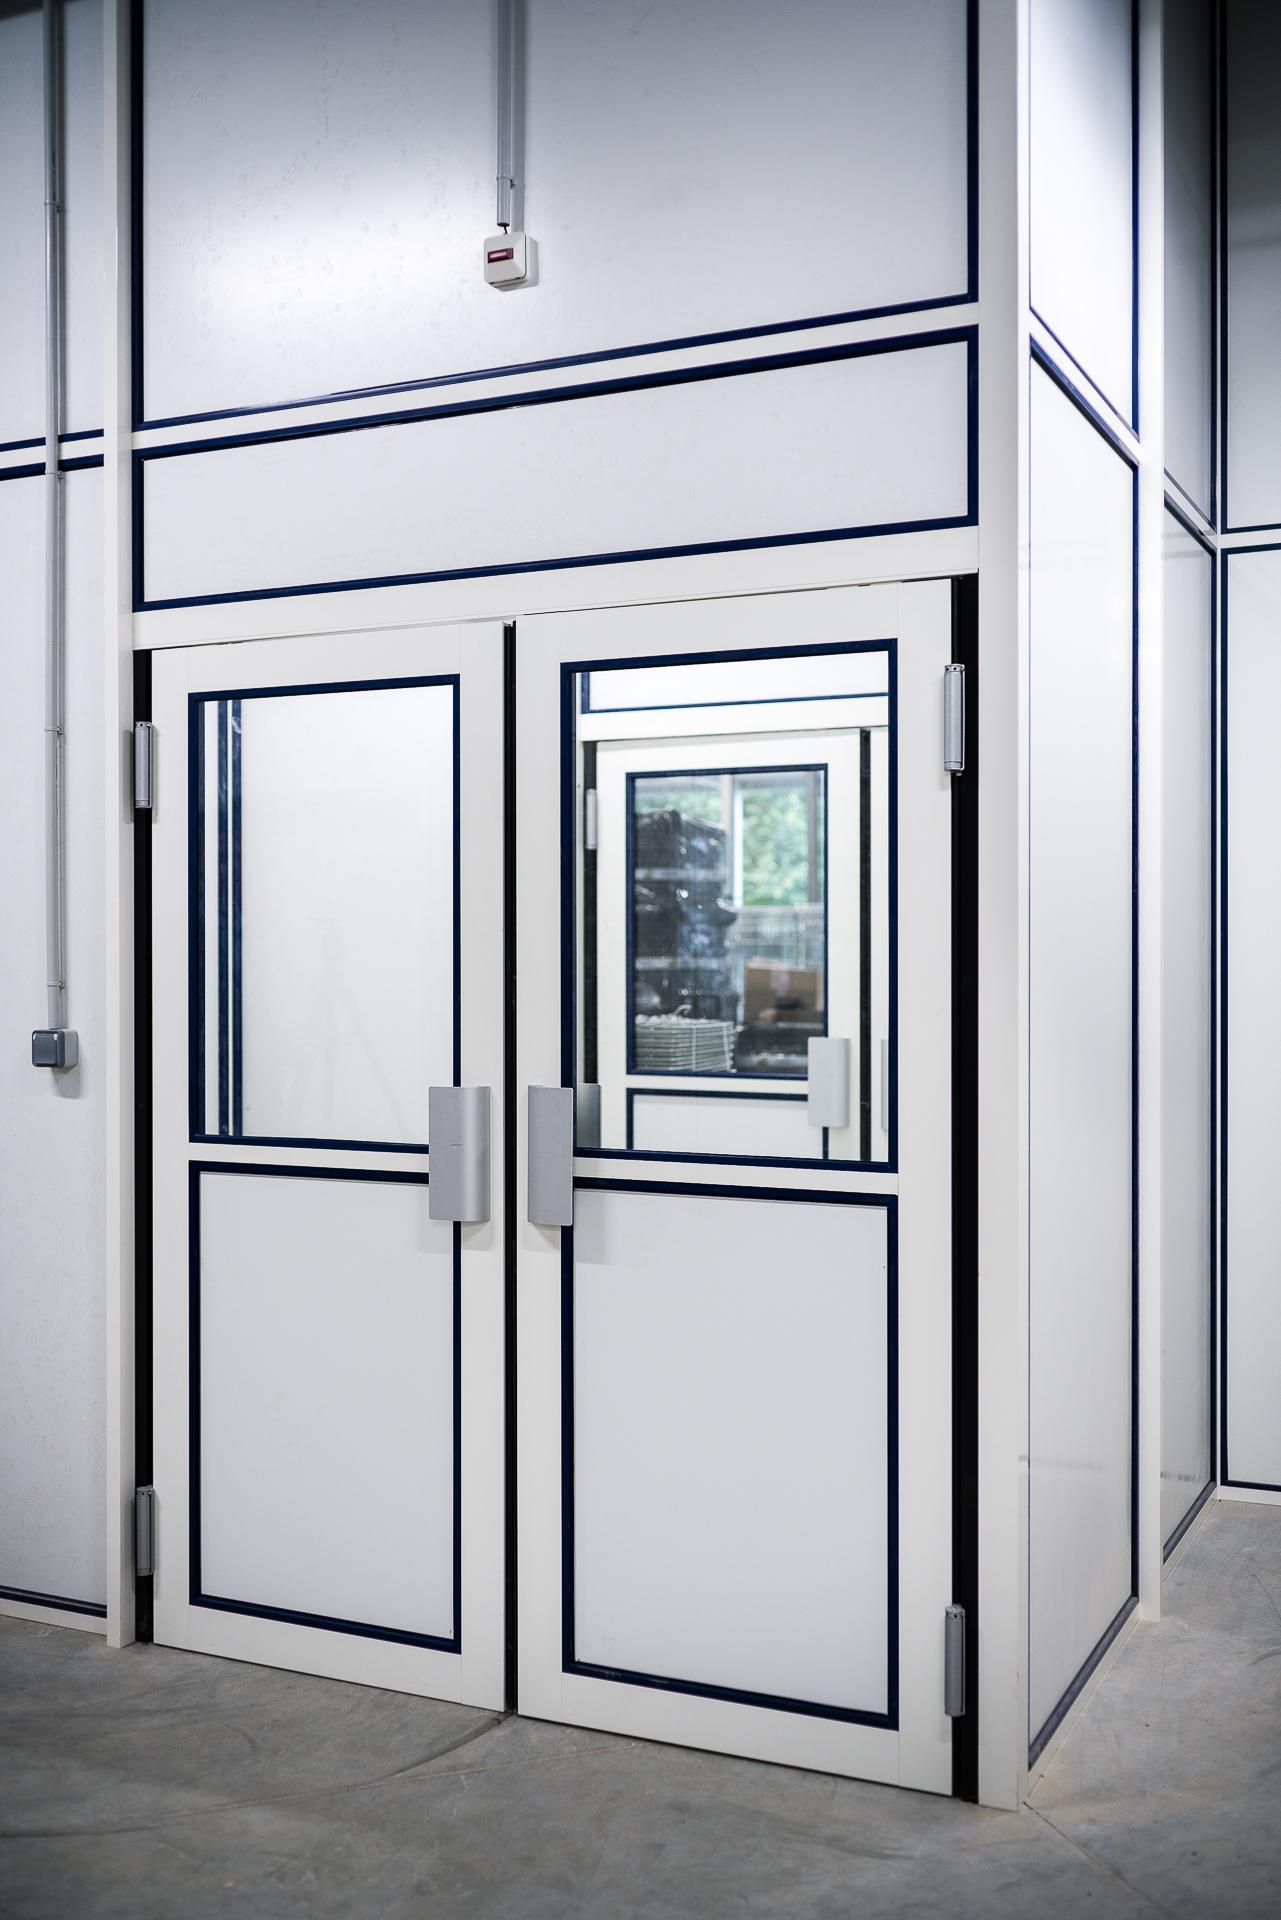 Portes pour cloisons amovibles en bois verre aluminium for Porte service double vantaux